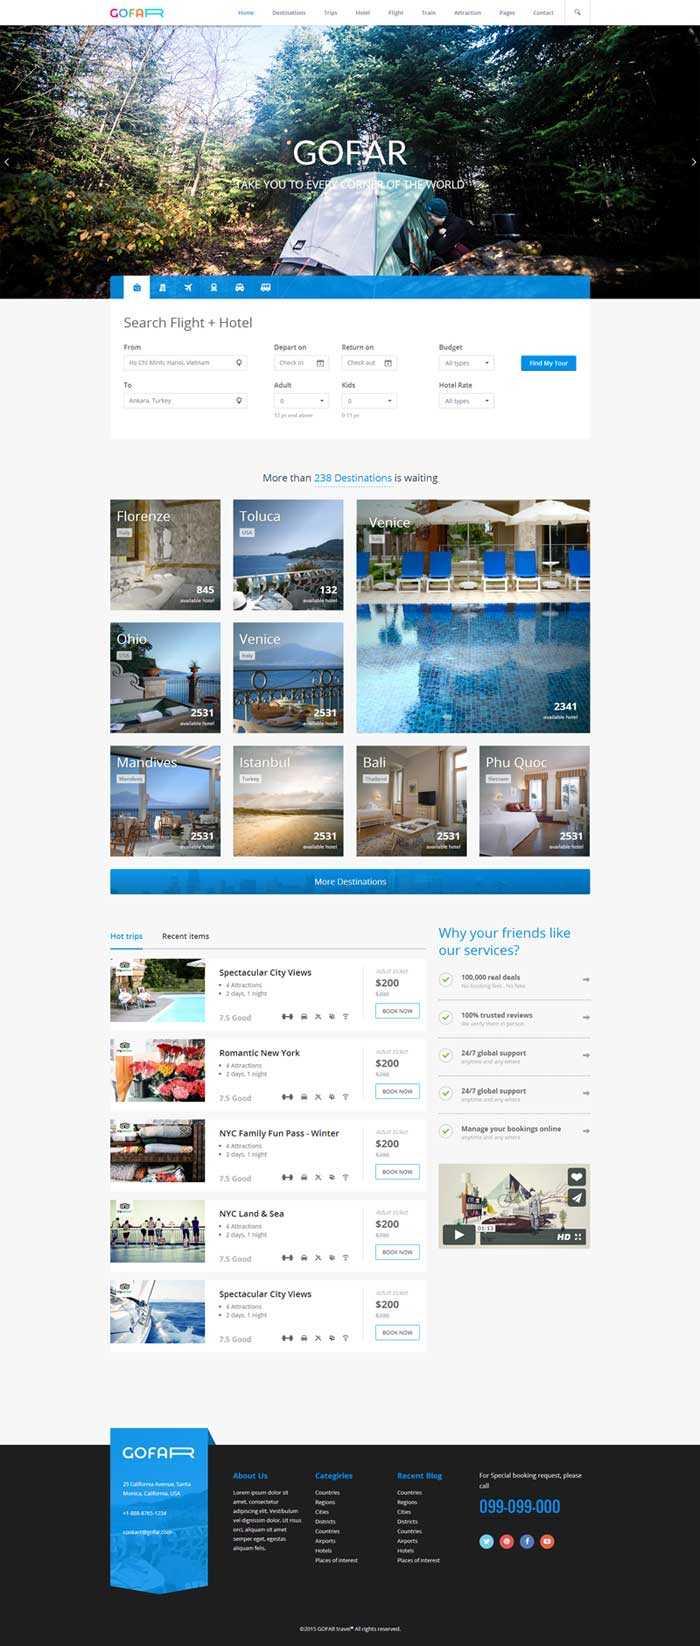 蓝色在线旅行服务公司网站响应式模板